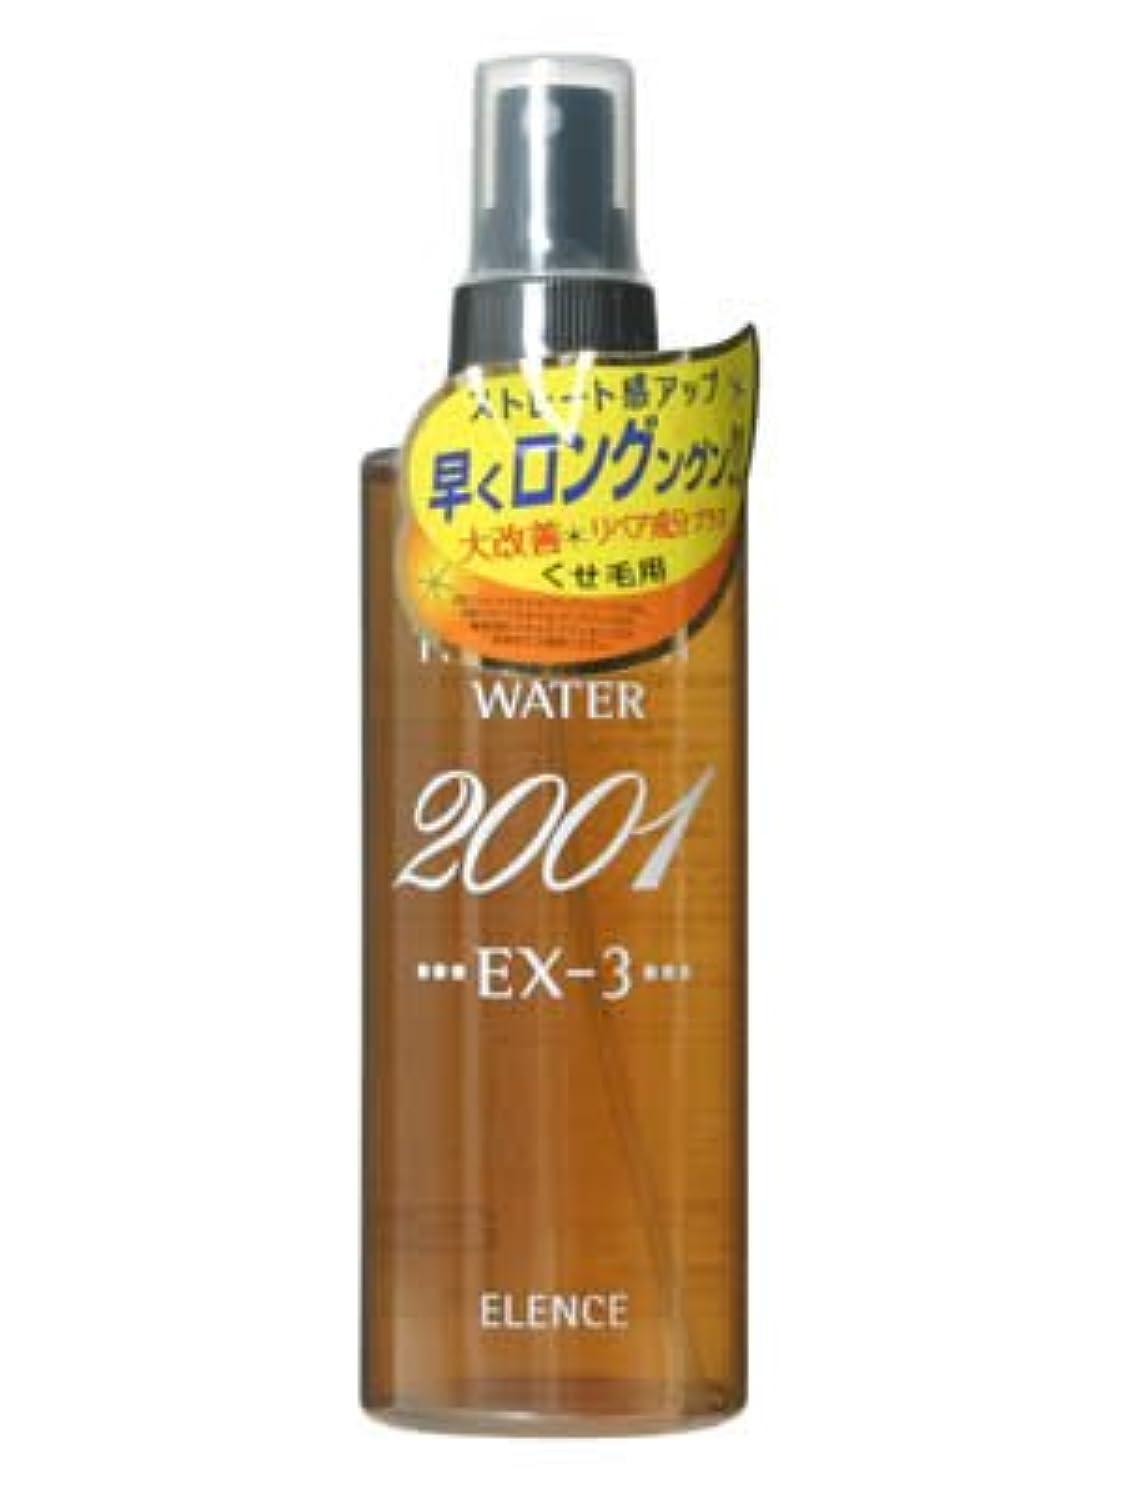 死すべき紳士台風エレンス2001 スキャルプトリートメントウォーターEX-3(くせ毛用)